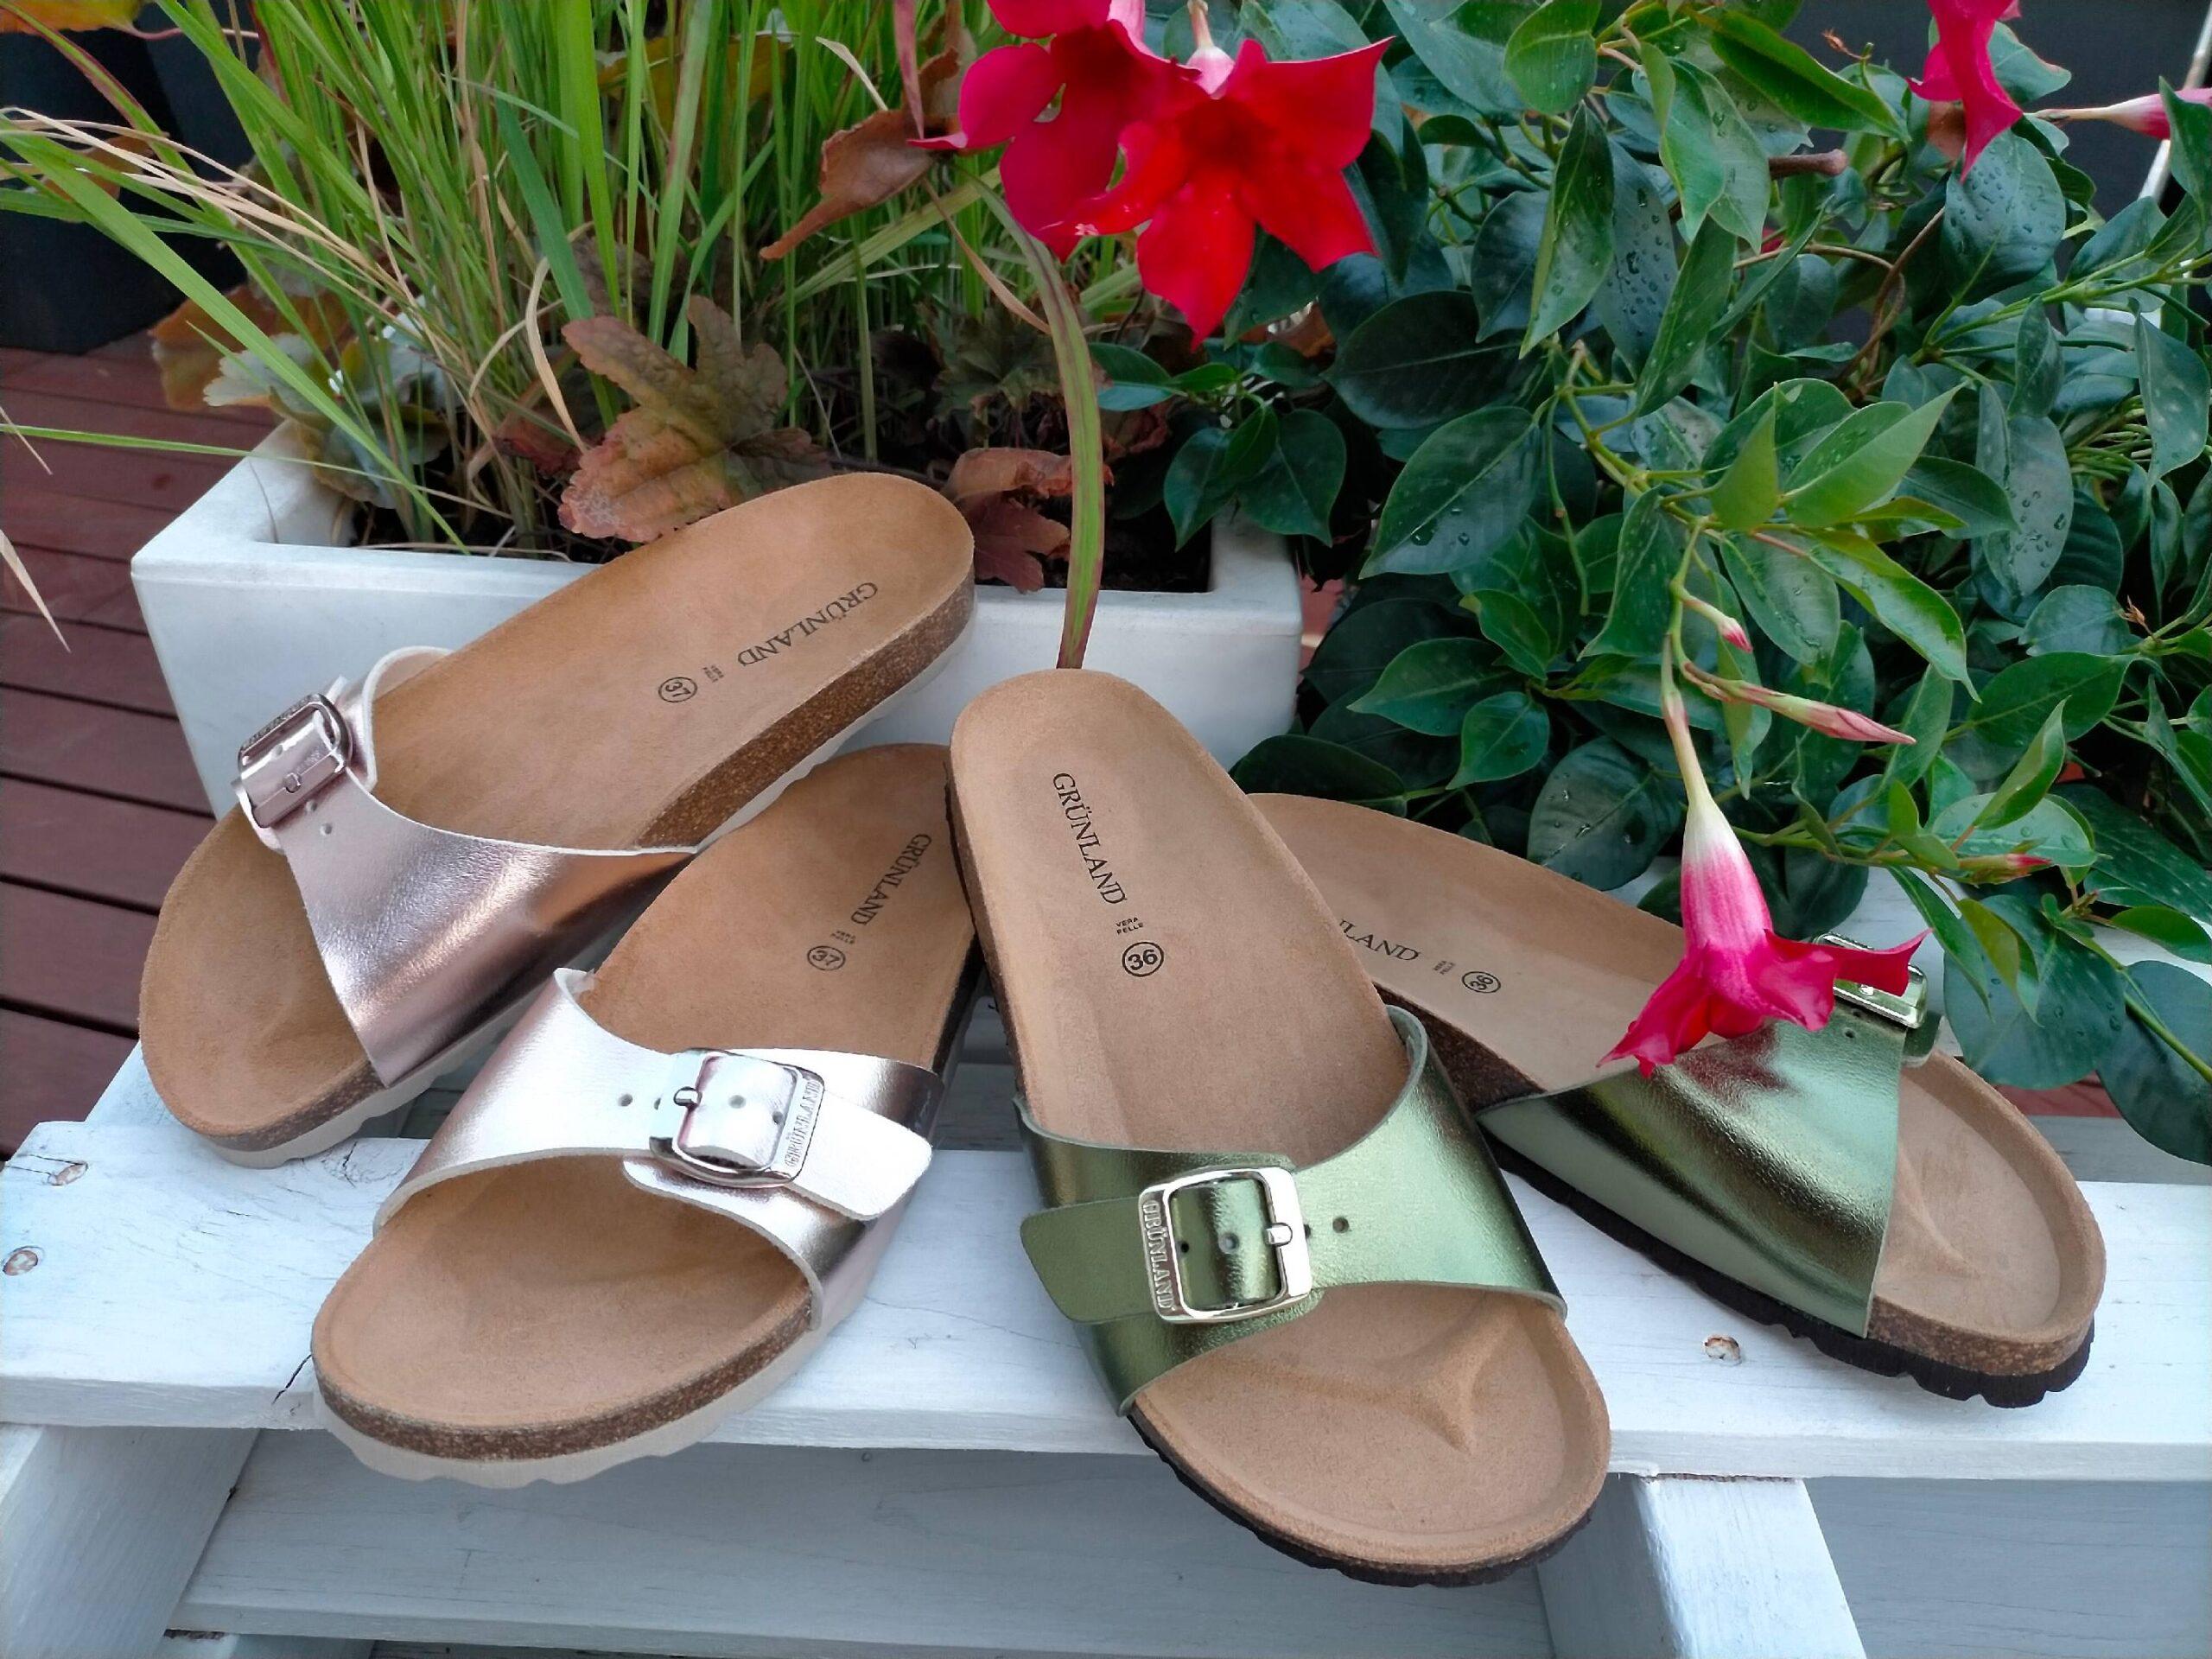 grunland sara cb2382 40 oliva cipria ciabatte pantofole sintetico fibbia plantare in sughero ciabatte pantofole estive da donna collezione primavera estate